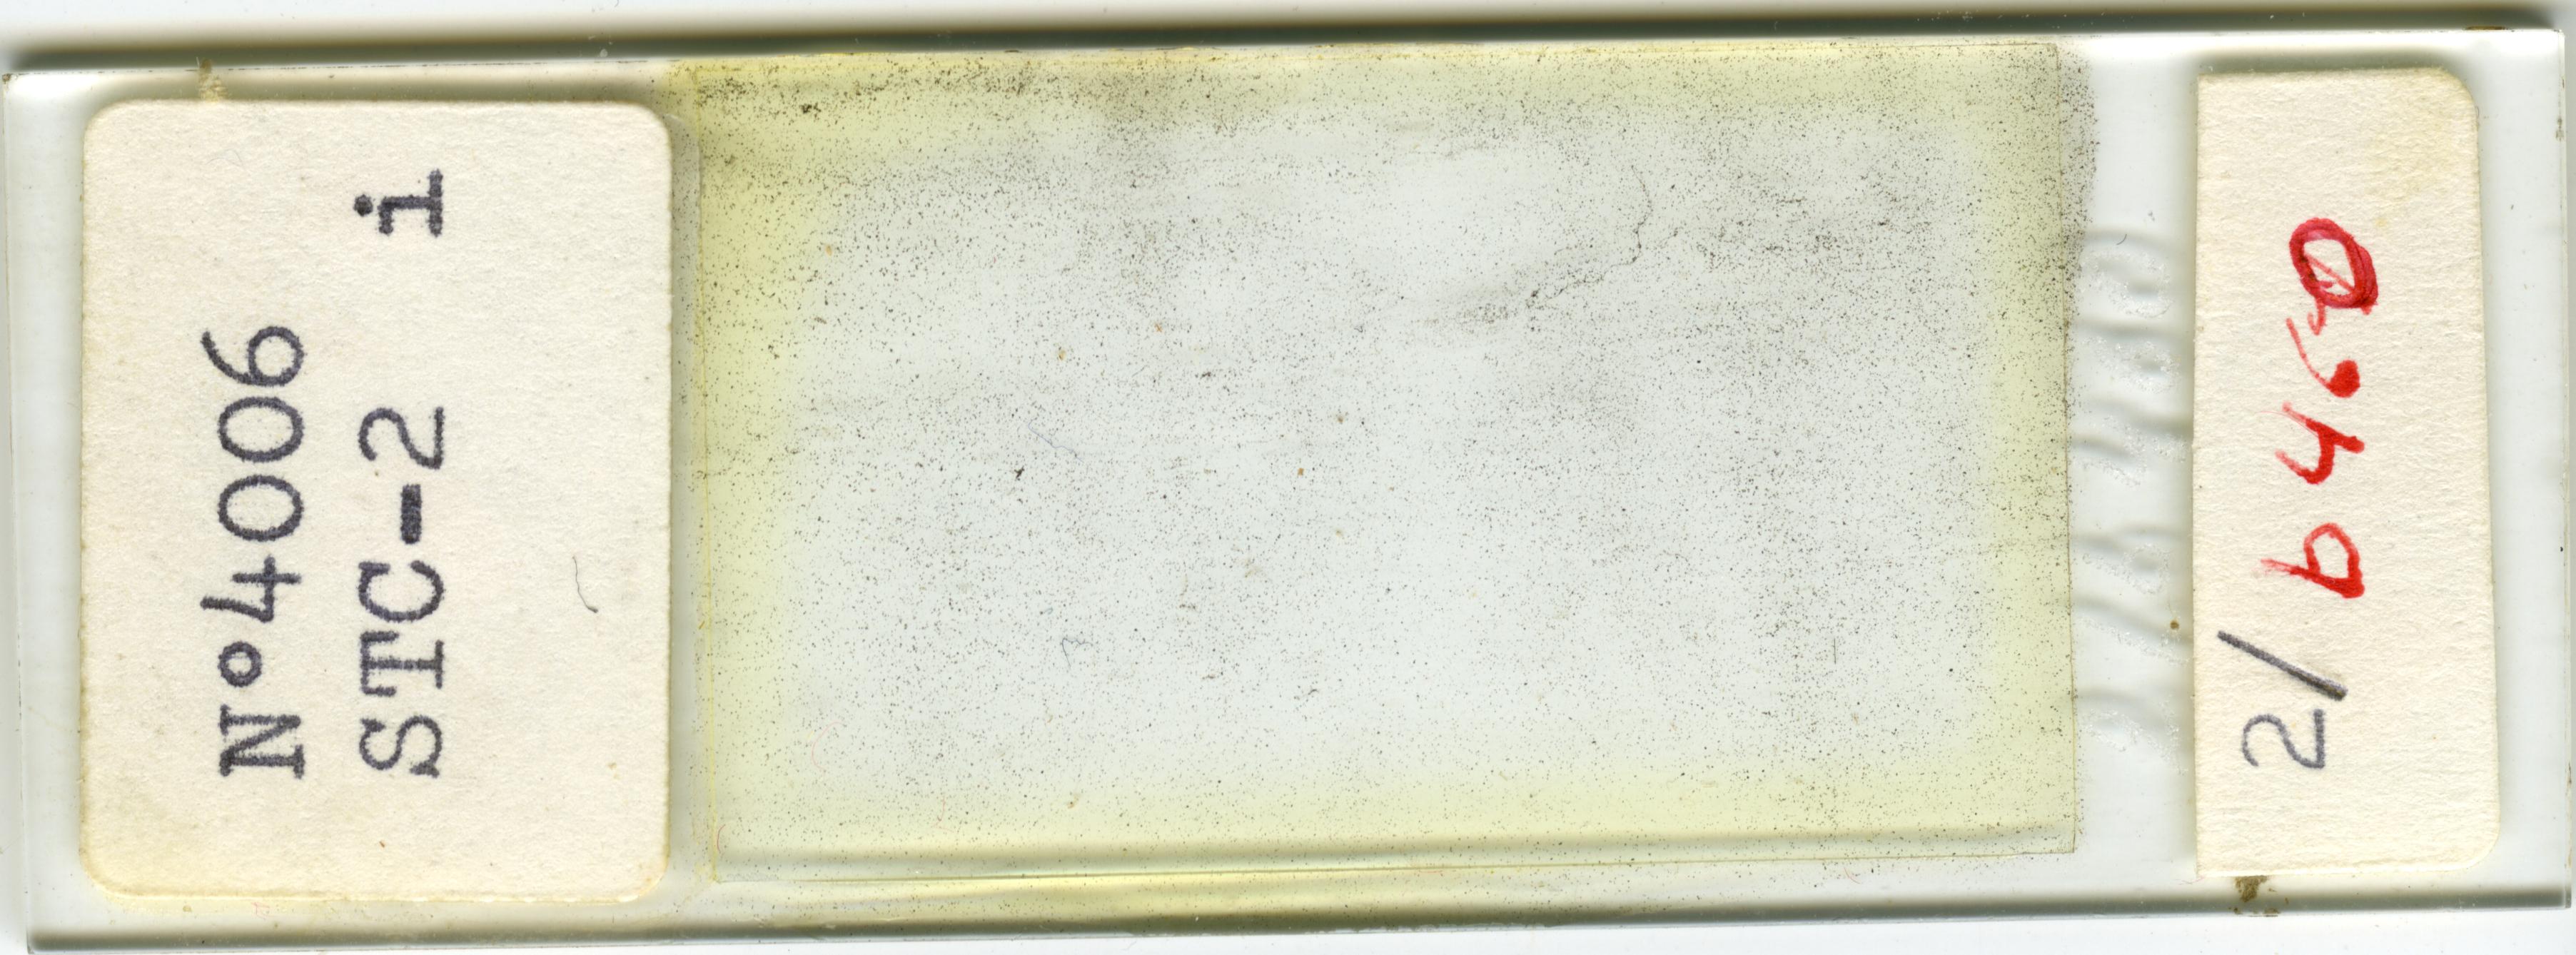 Lame n°4006 STC-2 i. 2/b 460